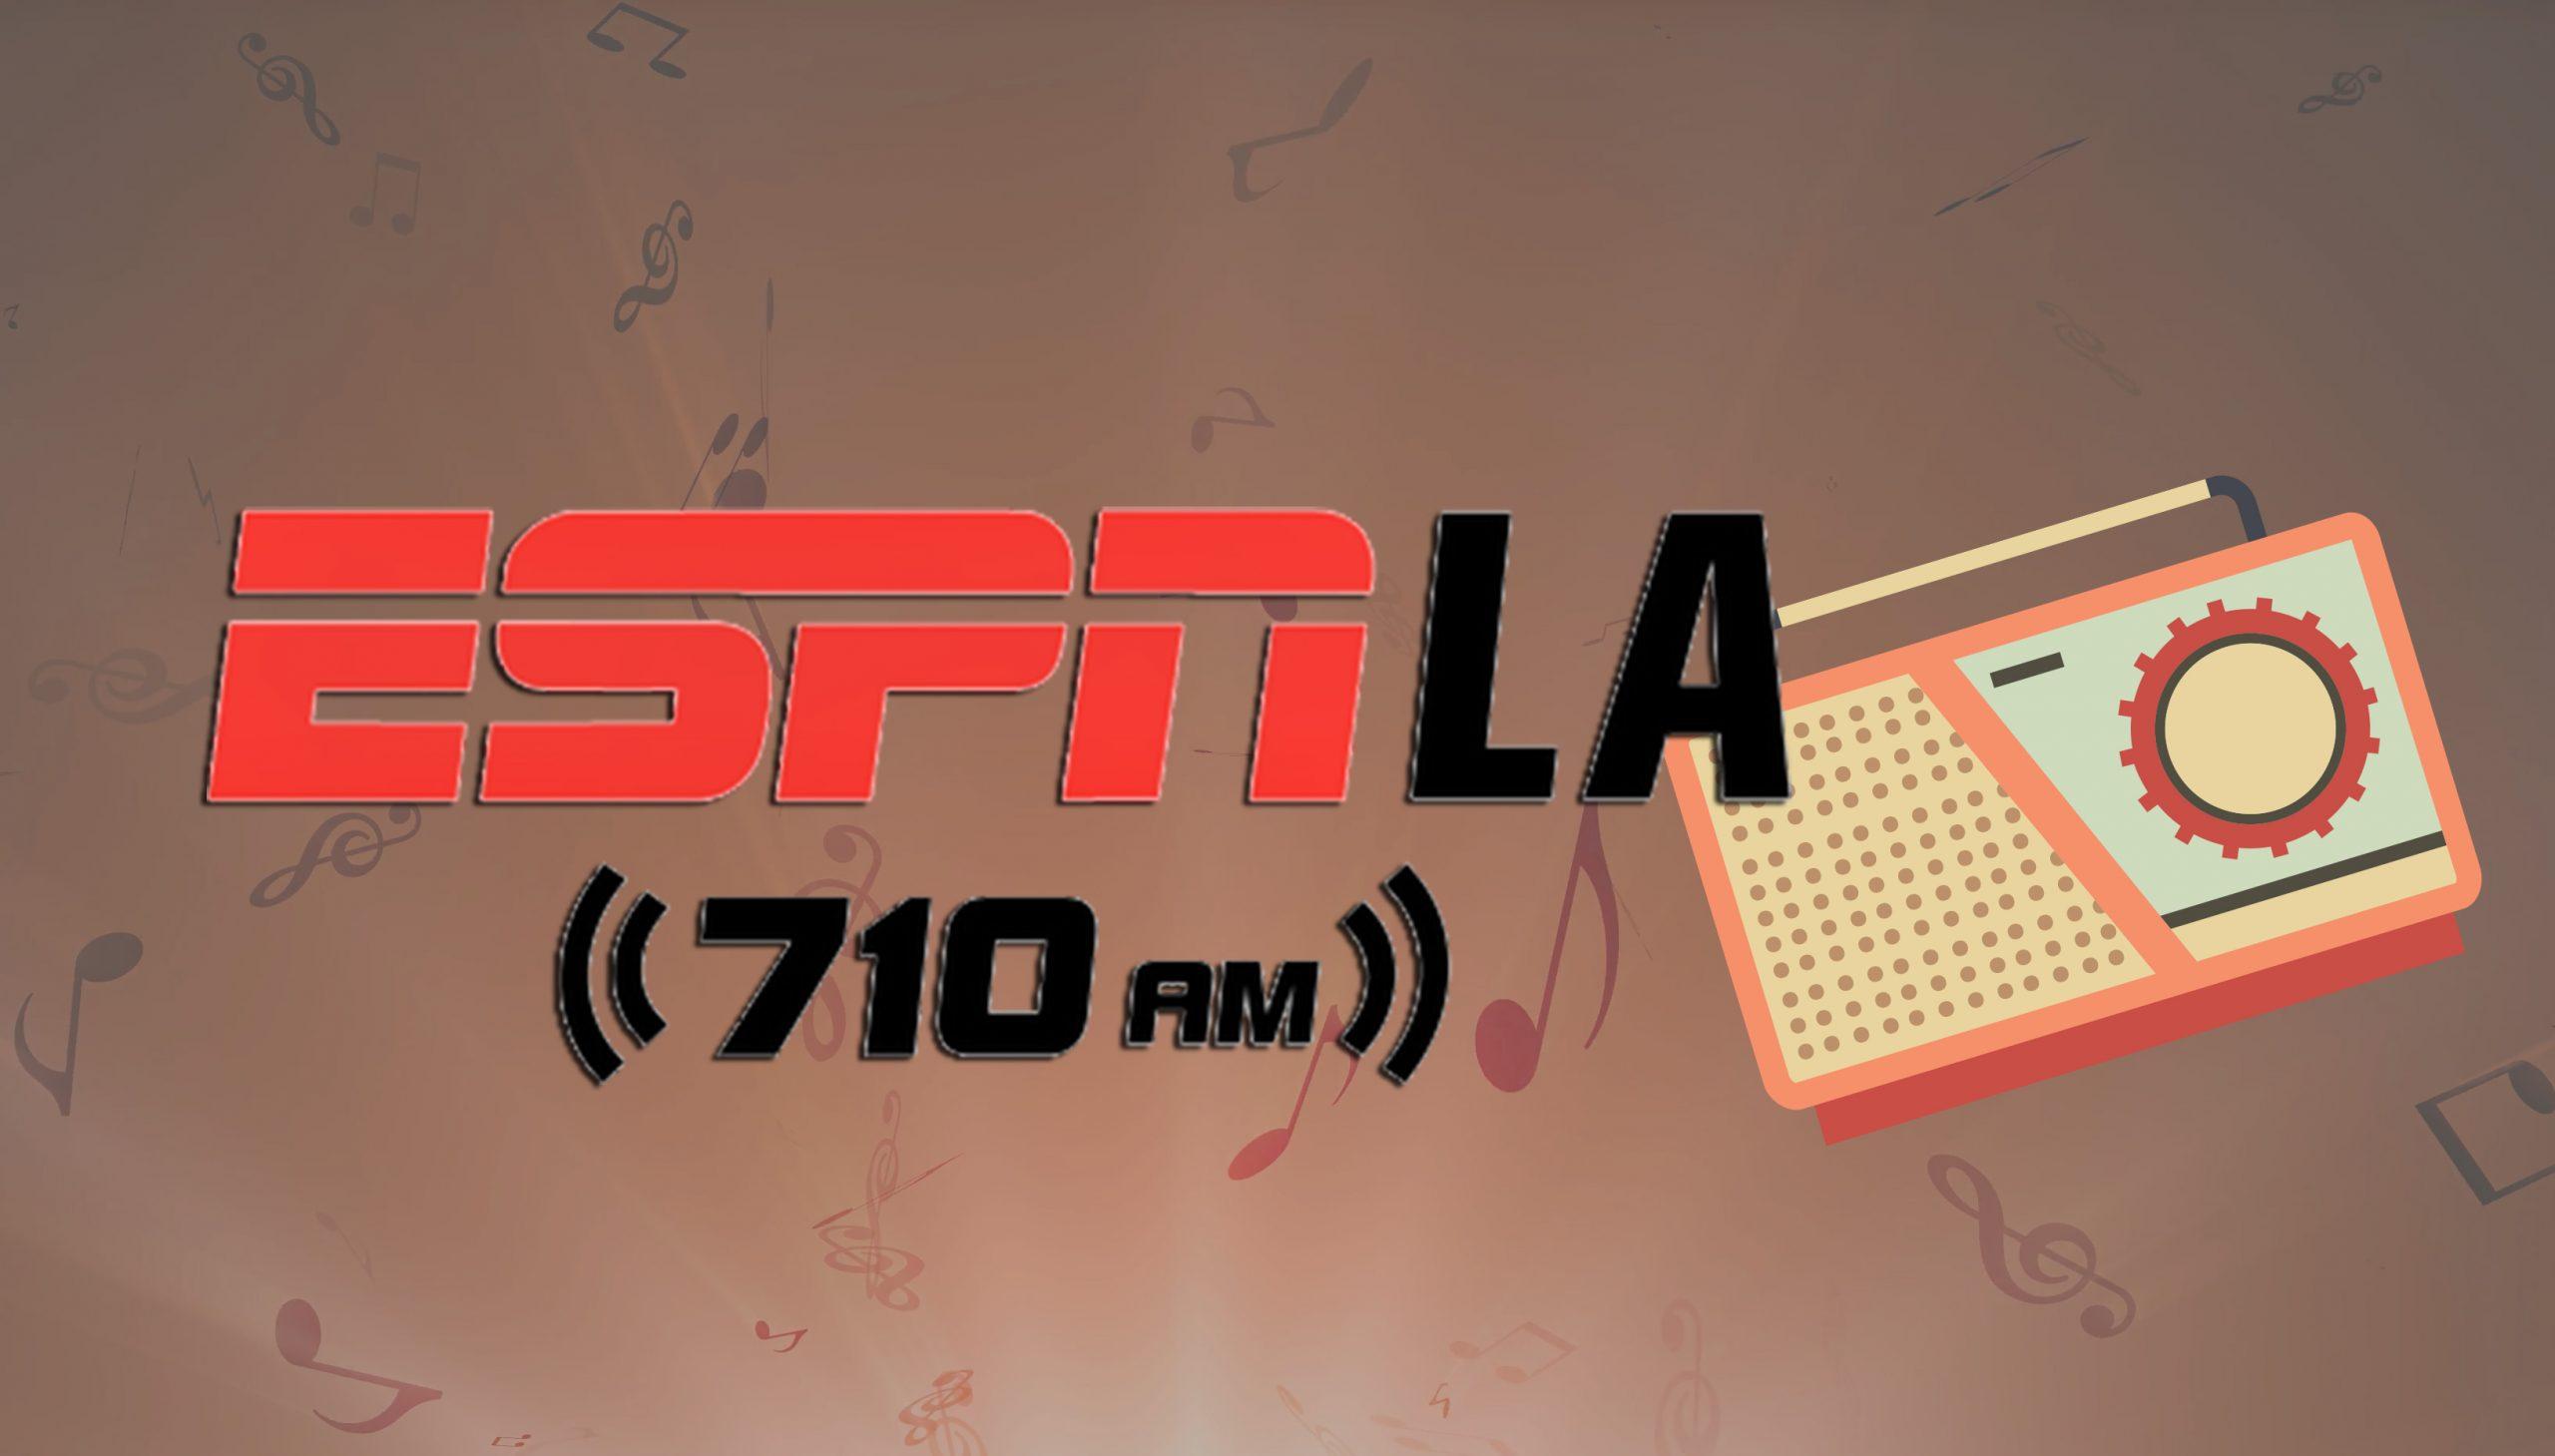 KSPN (ESPN LA 710)